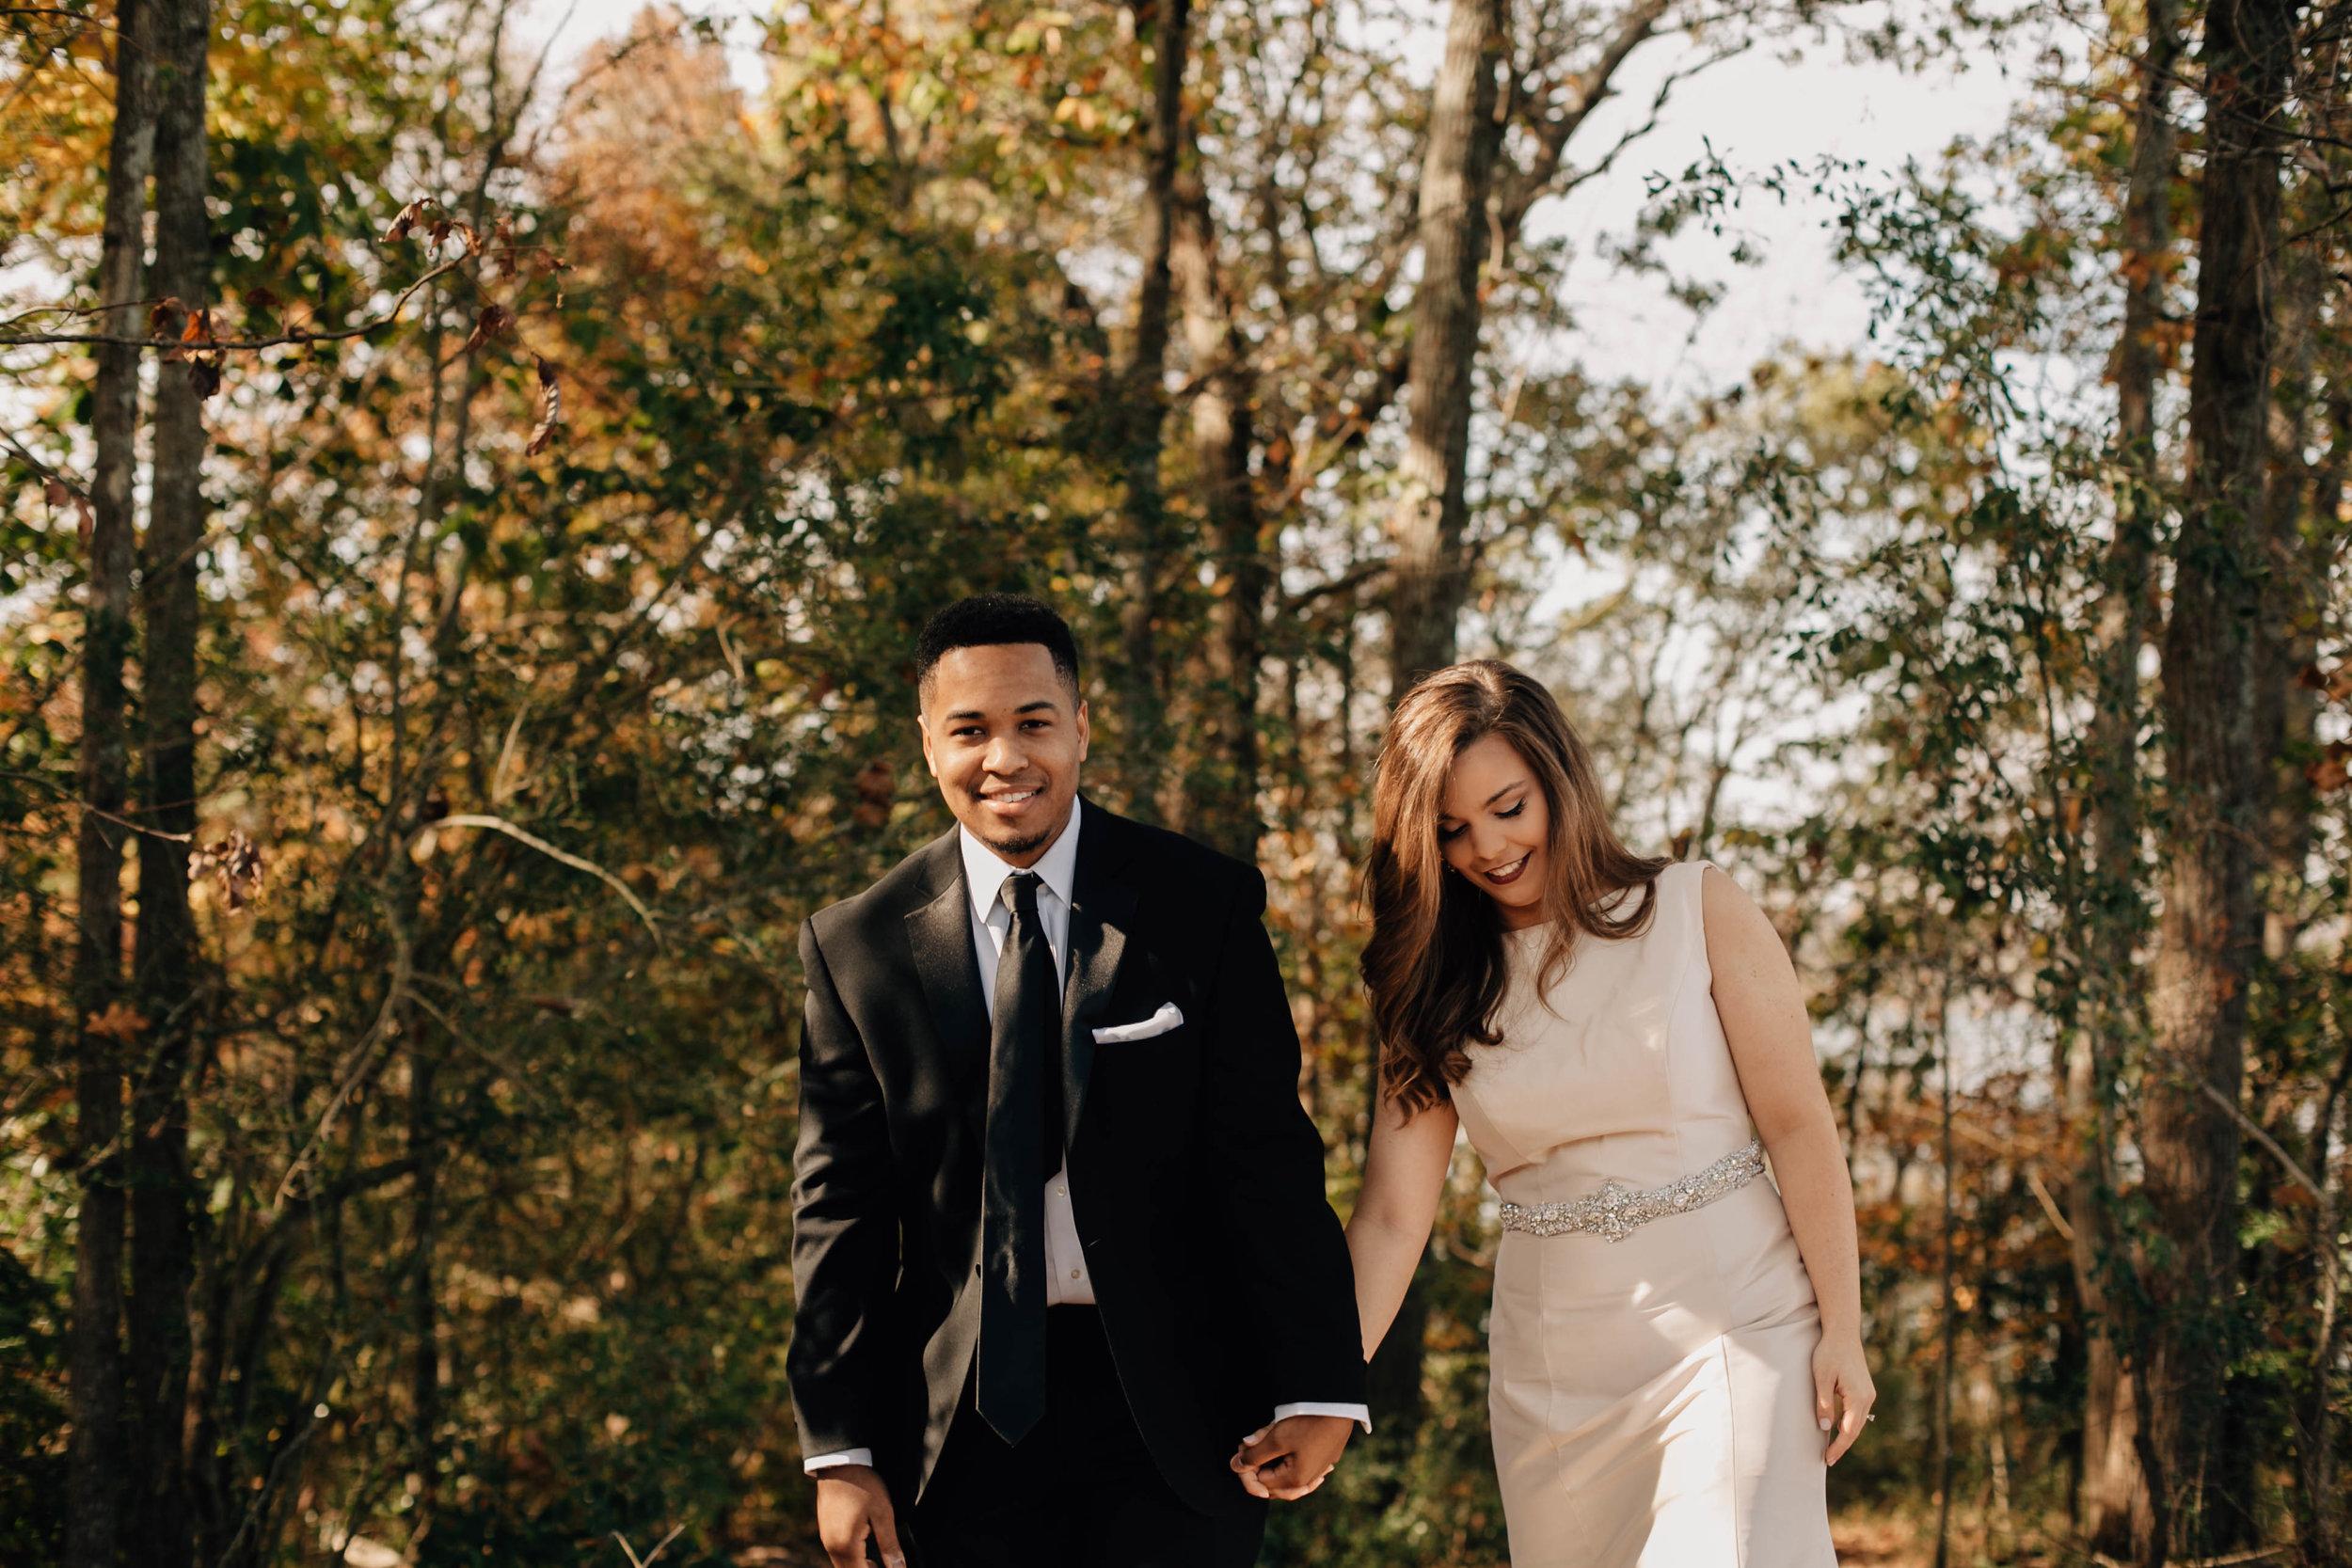 Kristen + Kyle - Wedding // 11.11.2017